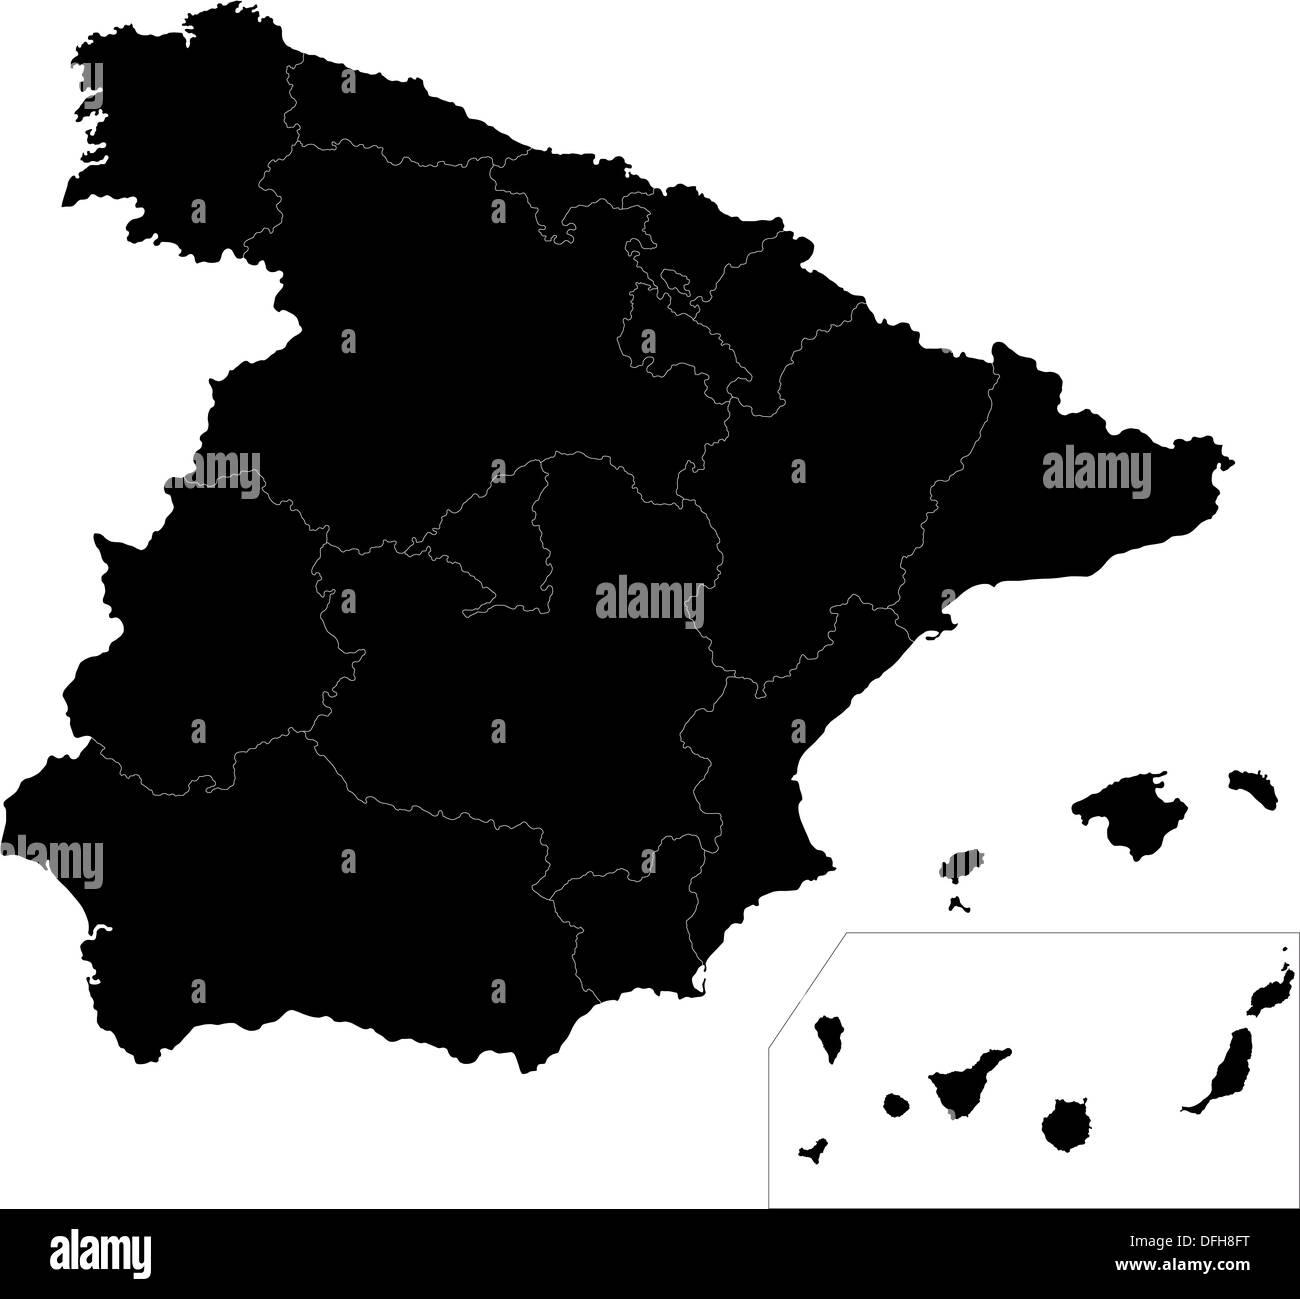 Carte Espagne Noir.Carte De L Espagne Noir Banque D Images Photo Stock